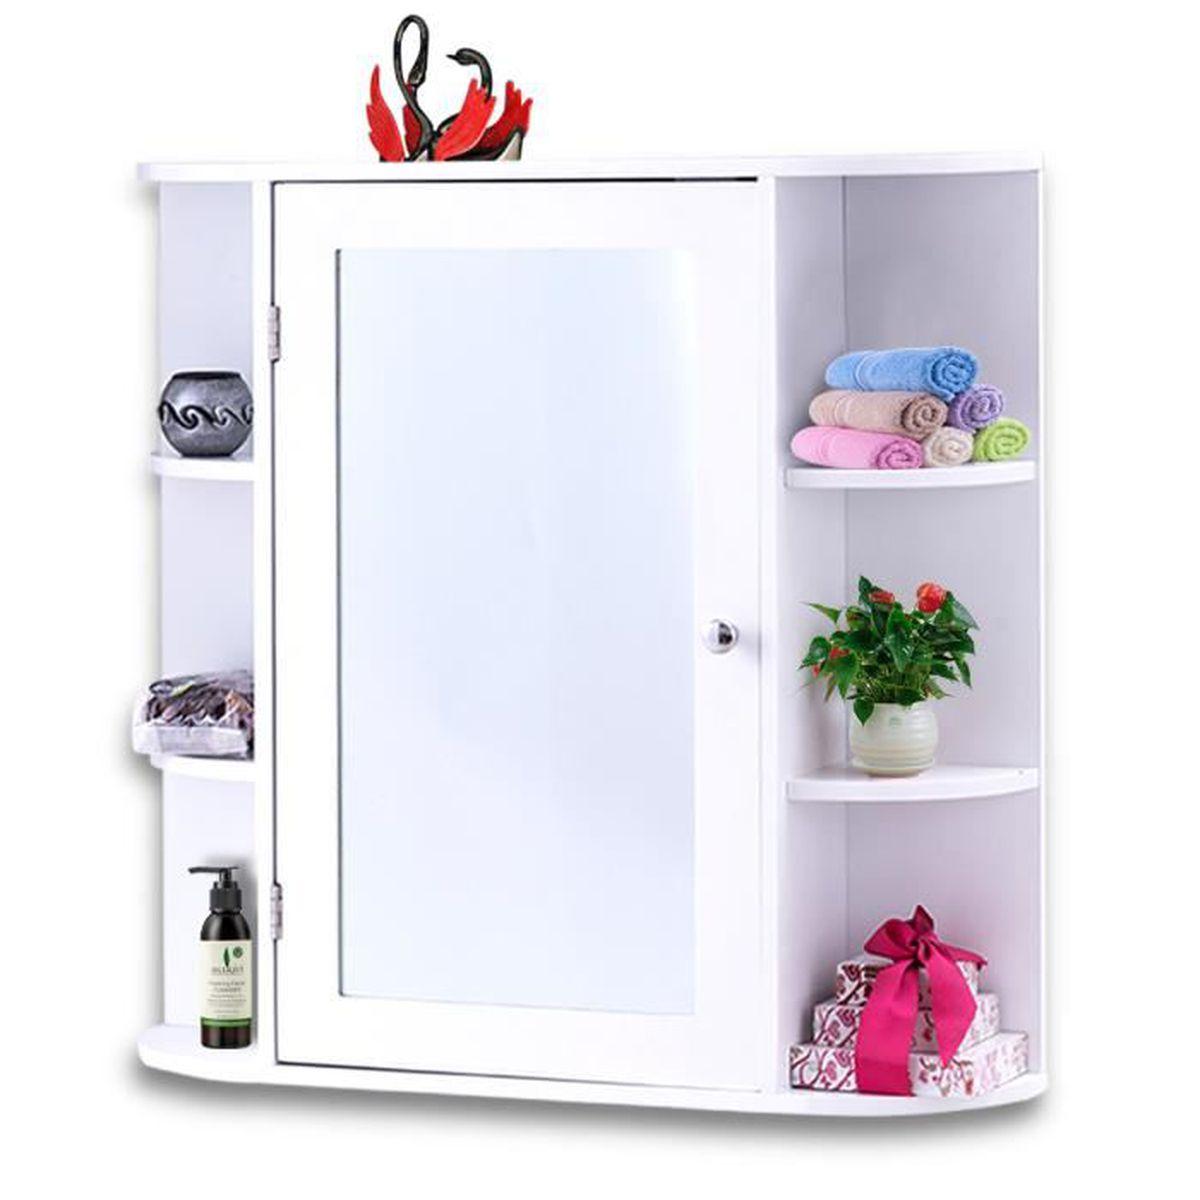 Meuble Haut Salle De Bain Avec Miroir miroir armoire etagere salle de bain